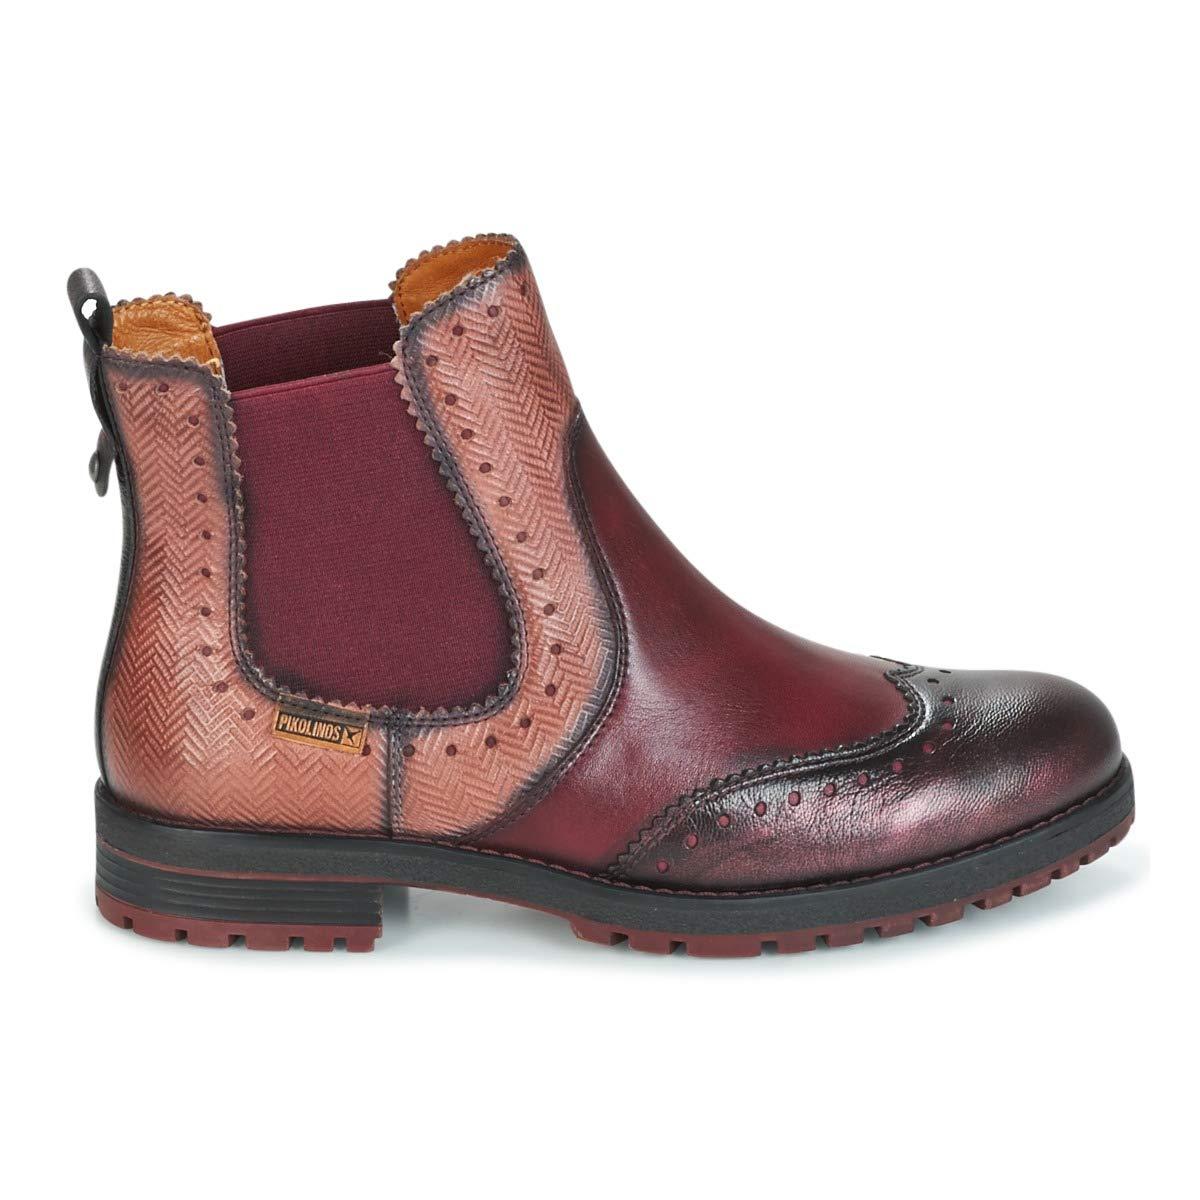 PIKOLINOS Santander W4J Botines/Low Boots Mujeres Rot Kombi Botas de caña Baja: Amazon.es: Zapatos y complementos